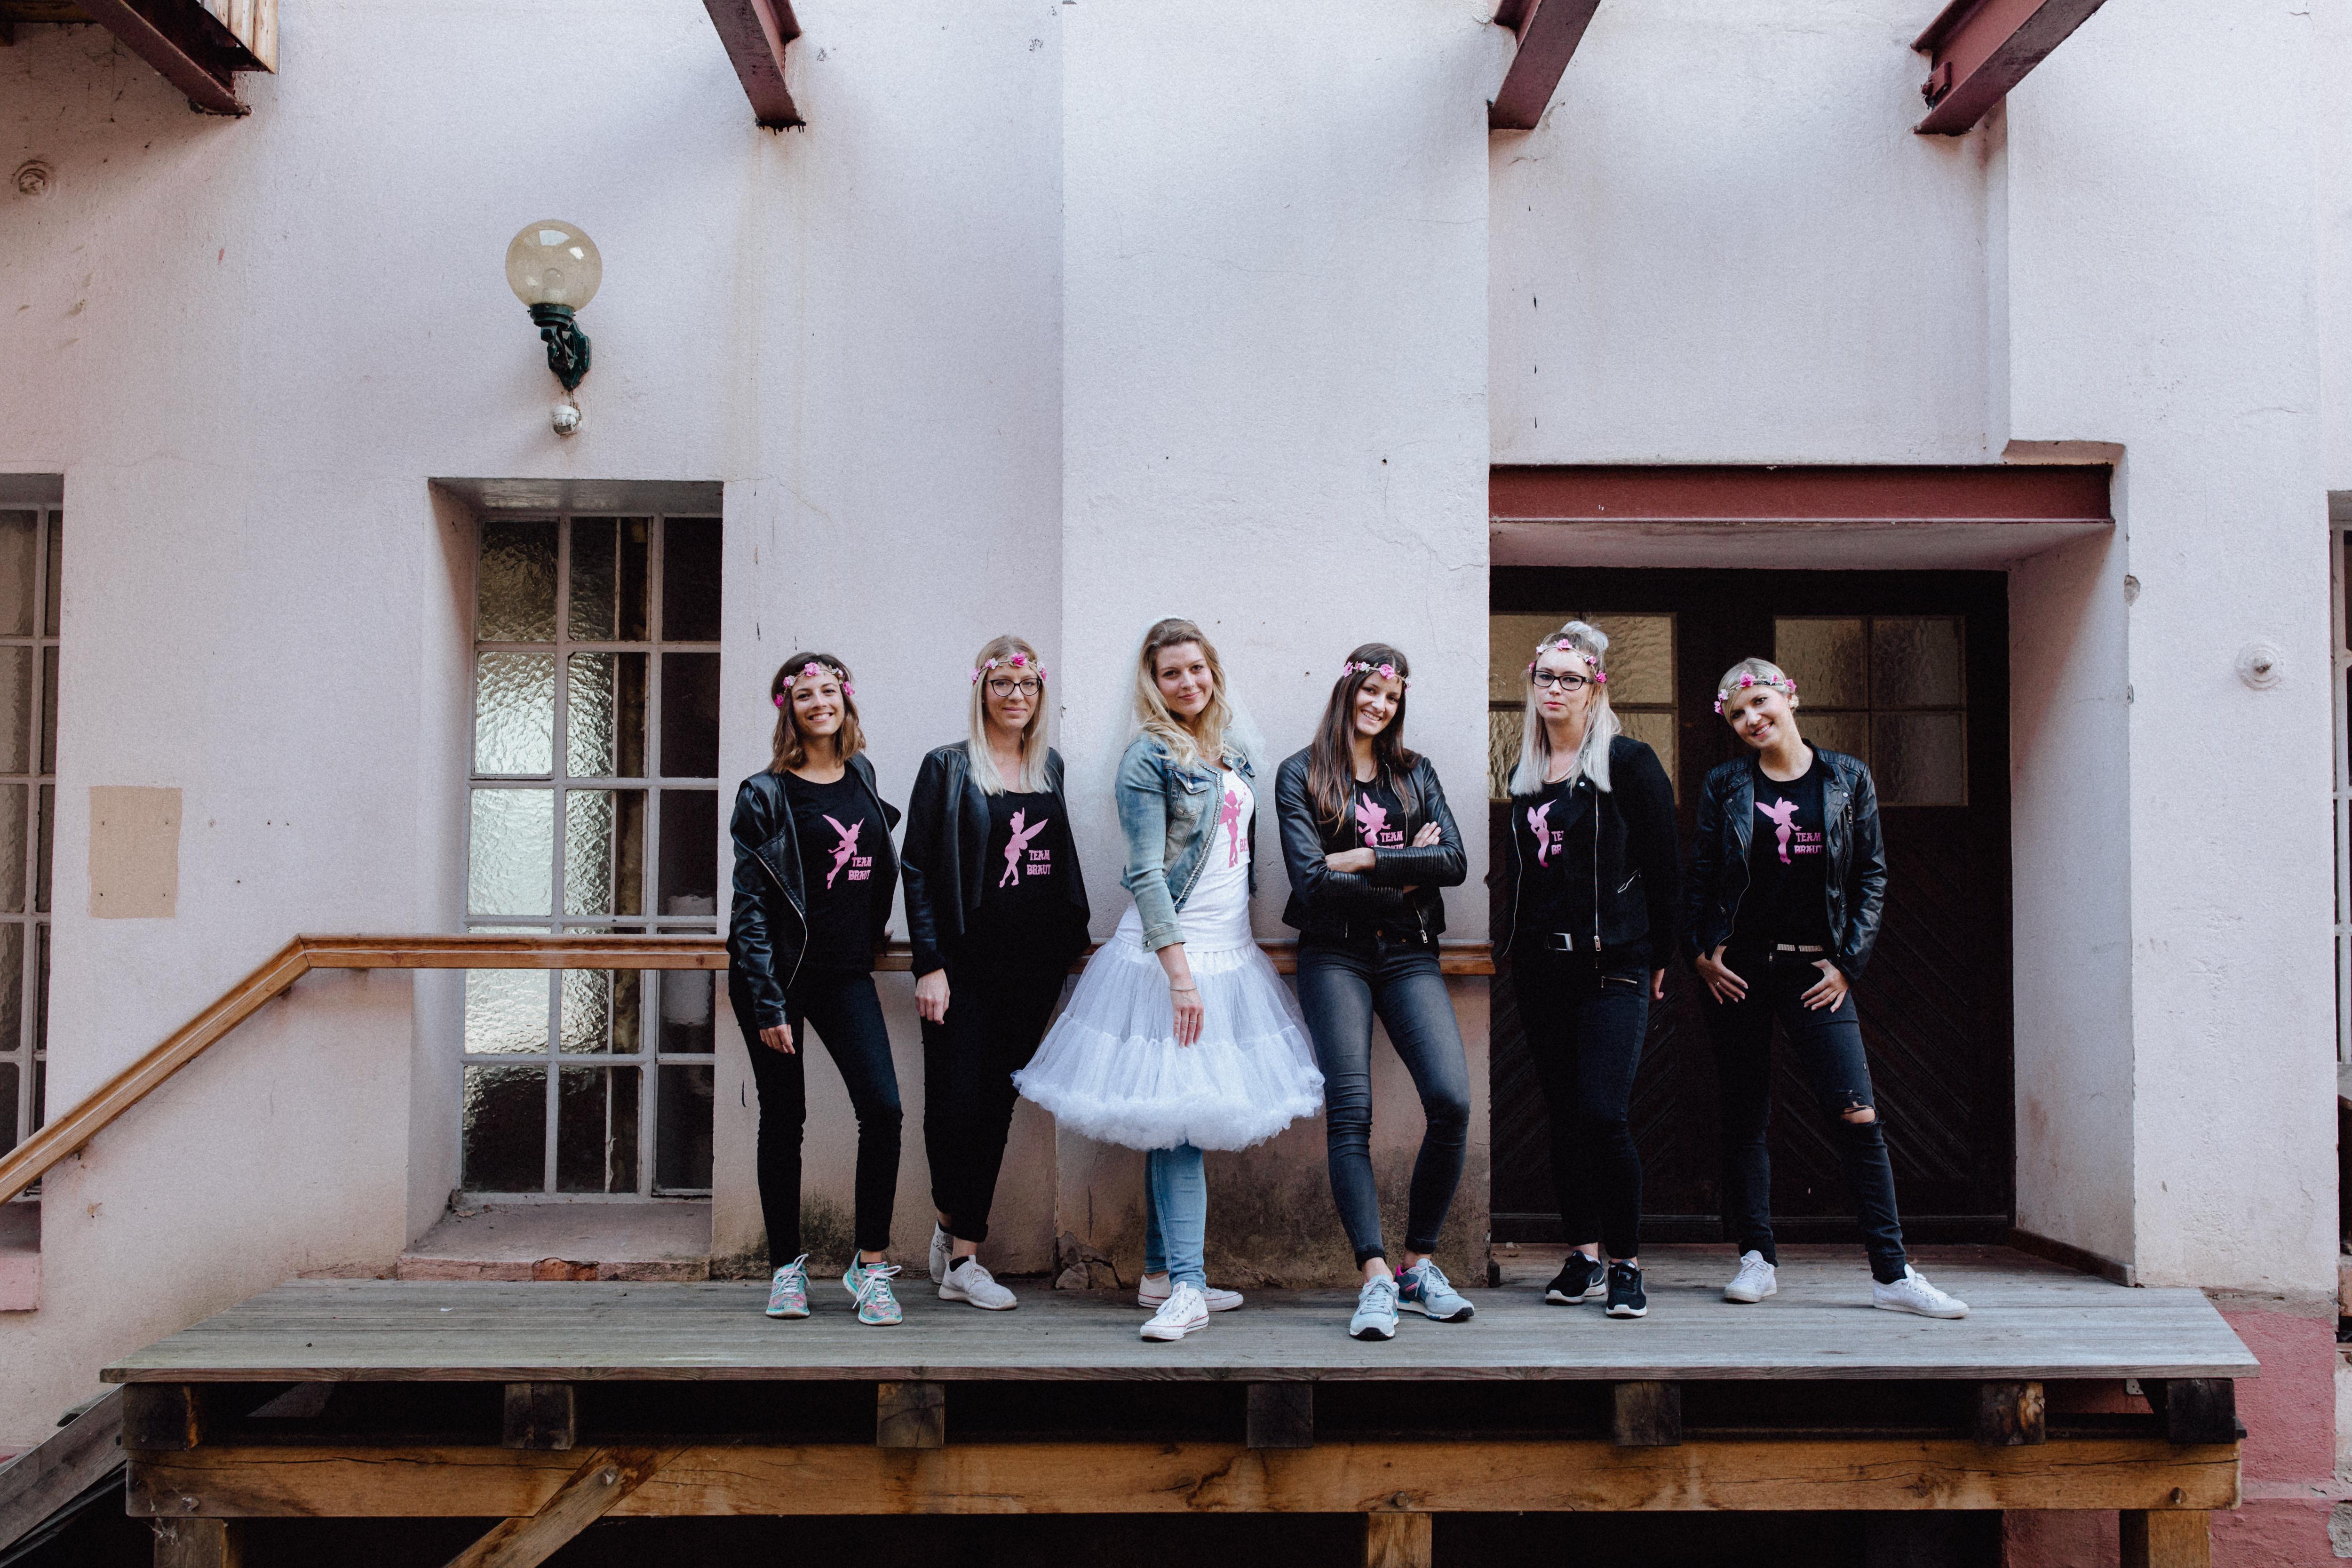 URBANERIE_Daniela_Goth_Hochzeitsfotografin_Nürnberg_Fürth_Erlangen_Schwabach_170923_0149